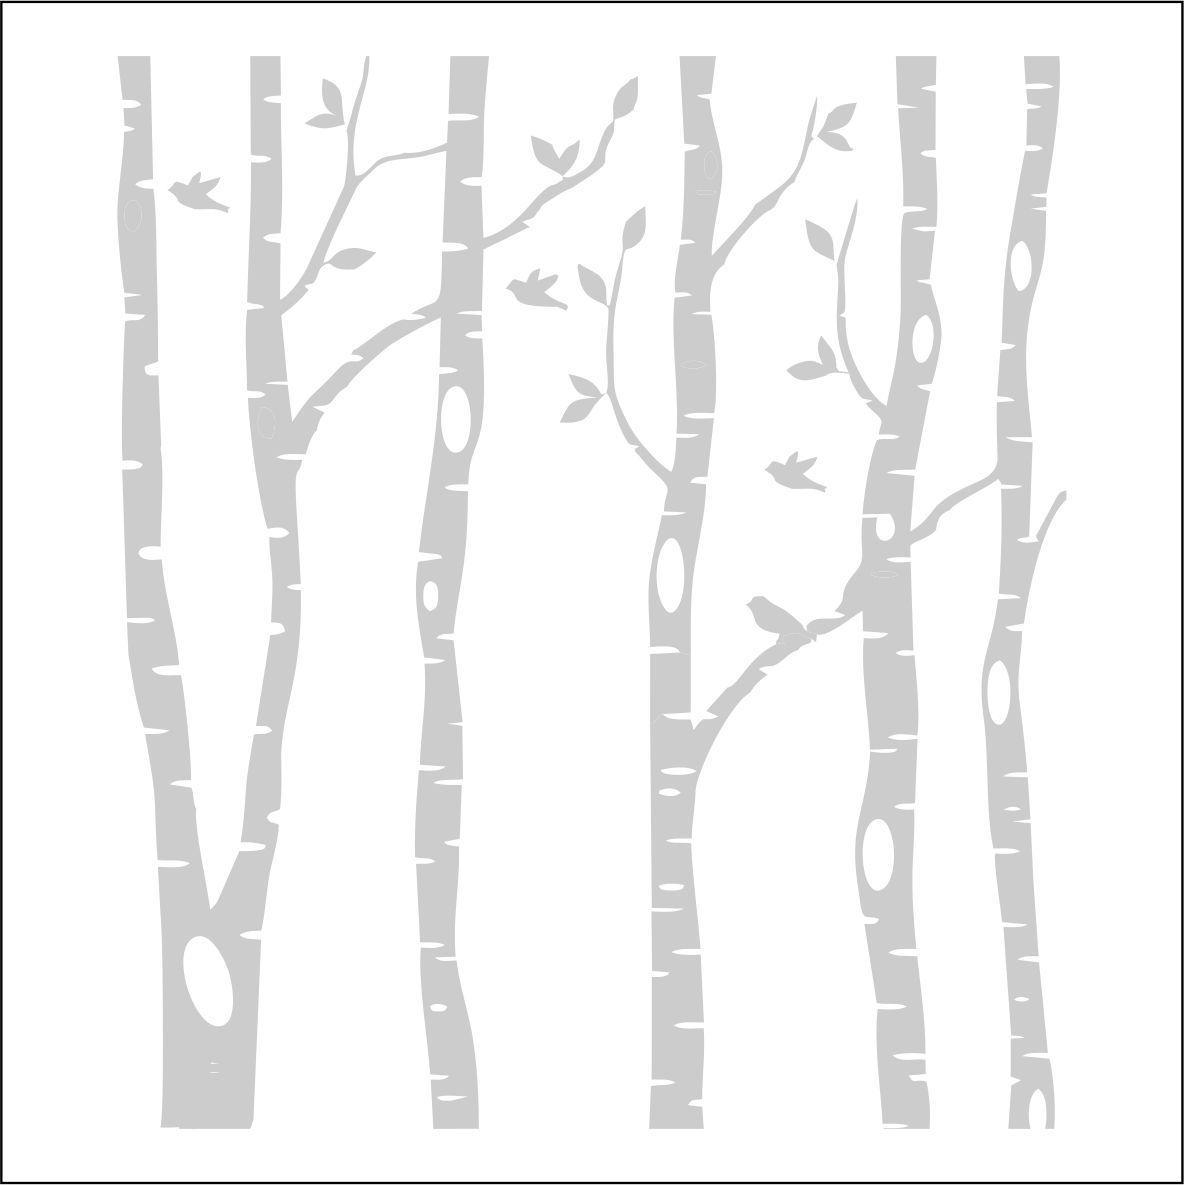 White birch tree clipart 8 » Clipart Portal.